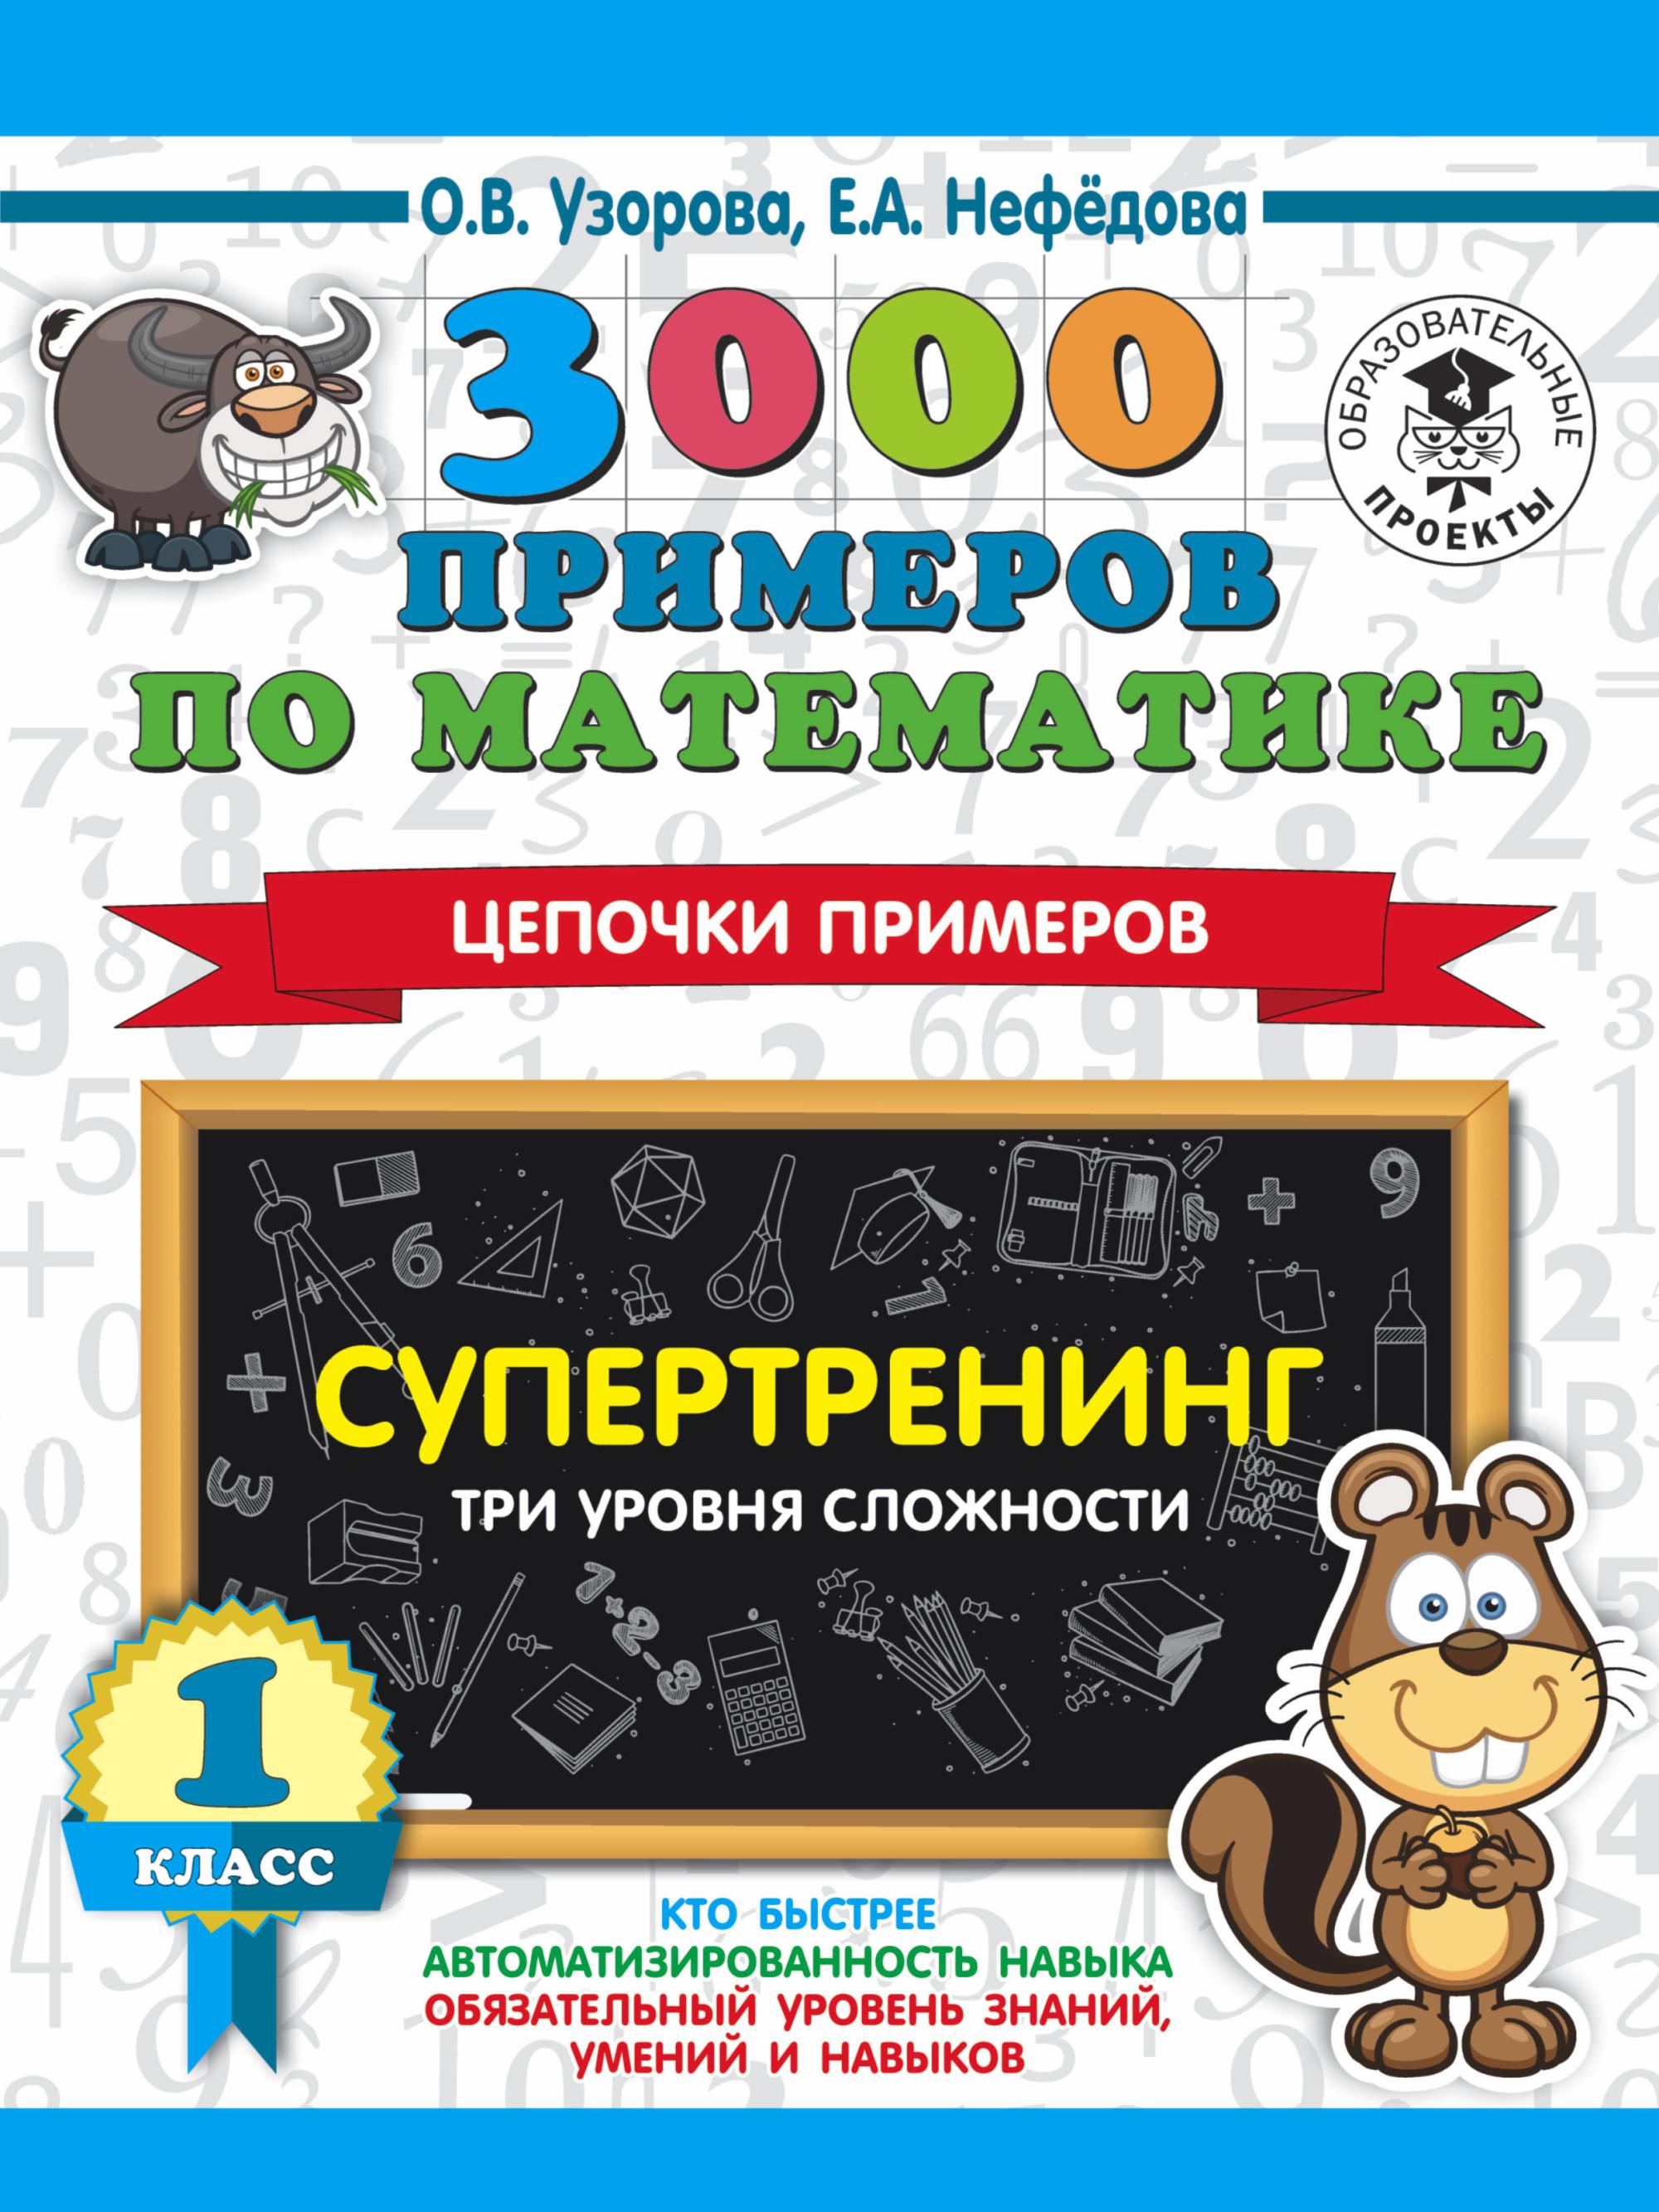 3000 примеров по математике. 1 класс. Супертренинг. Цепочки примеров. Три уровня сложности